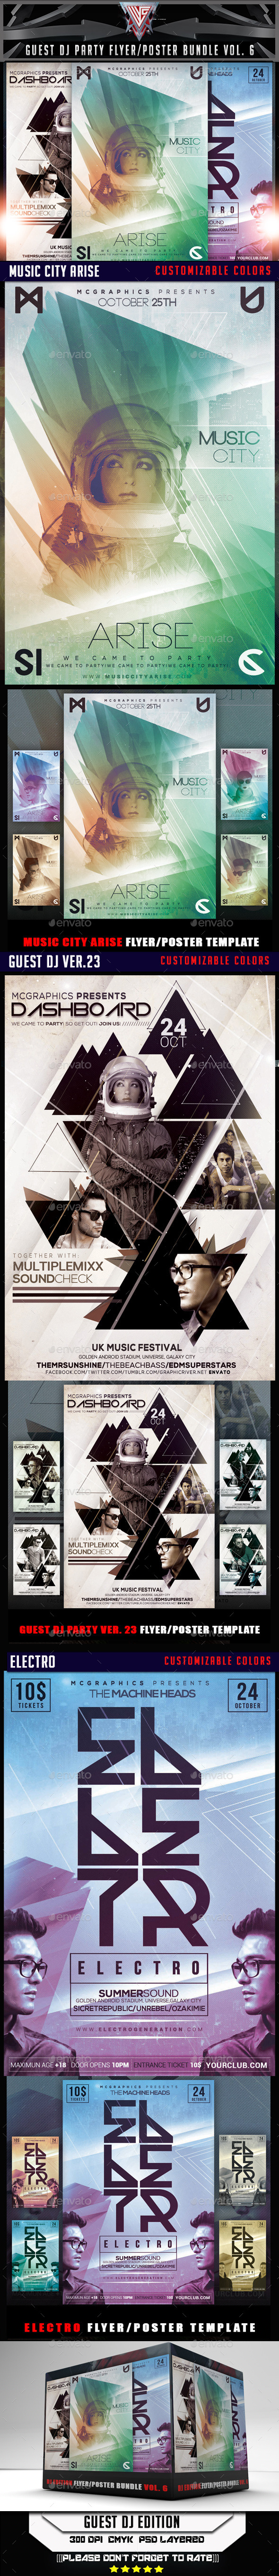 Guest DJ Party Flyer/Poster Bundle Vol.6 - Flyers Print Templates